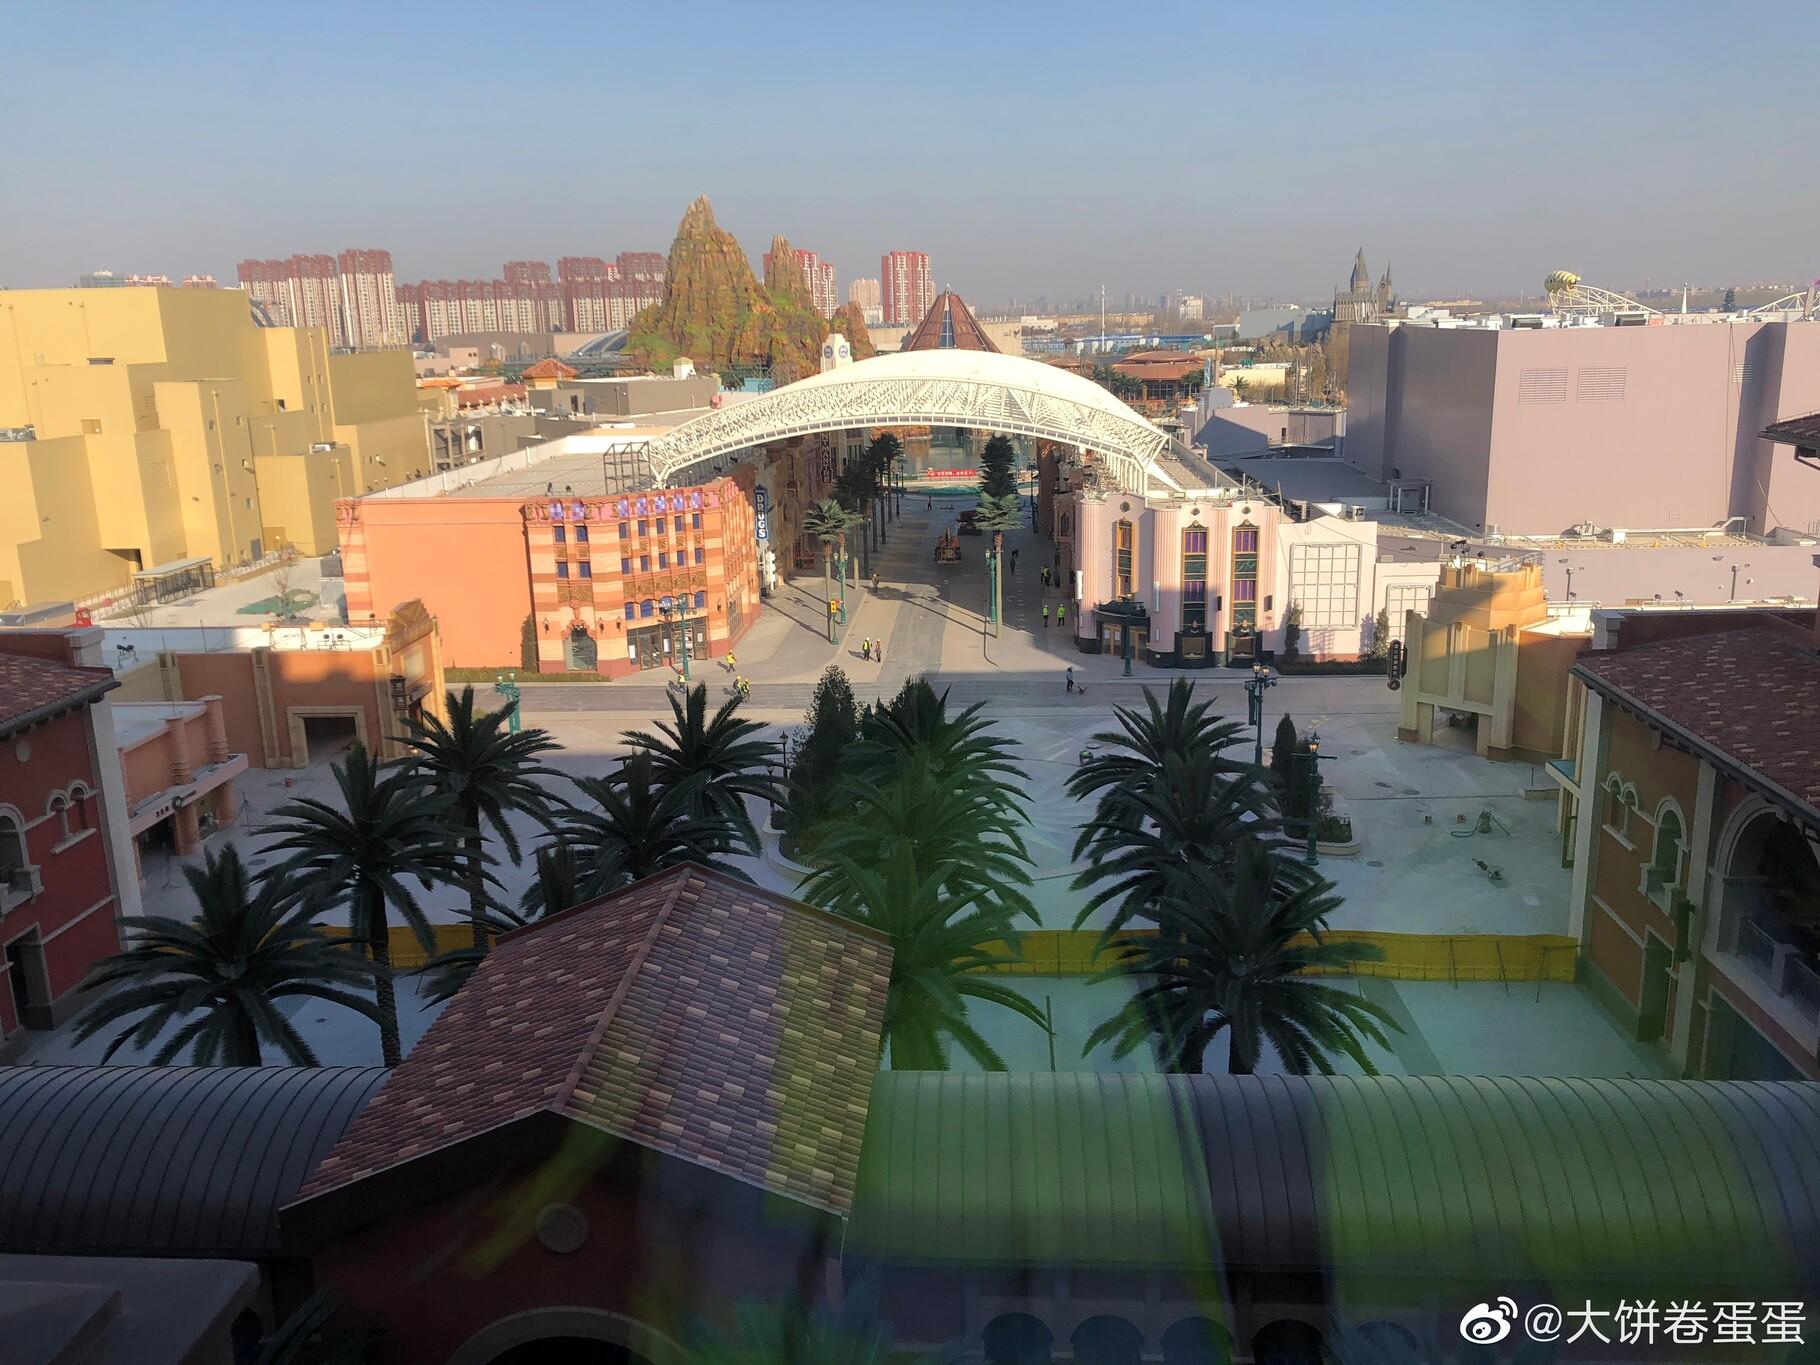 universal-studios-beijing-71833200.jpg